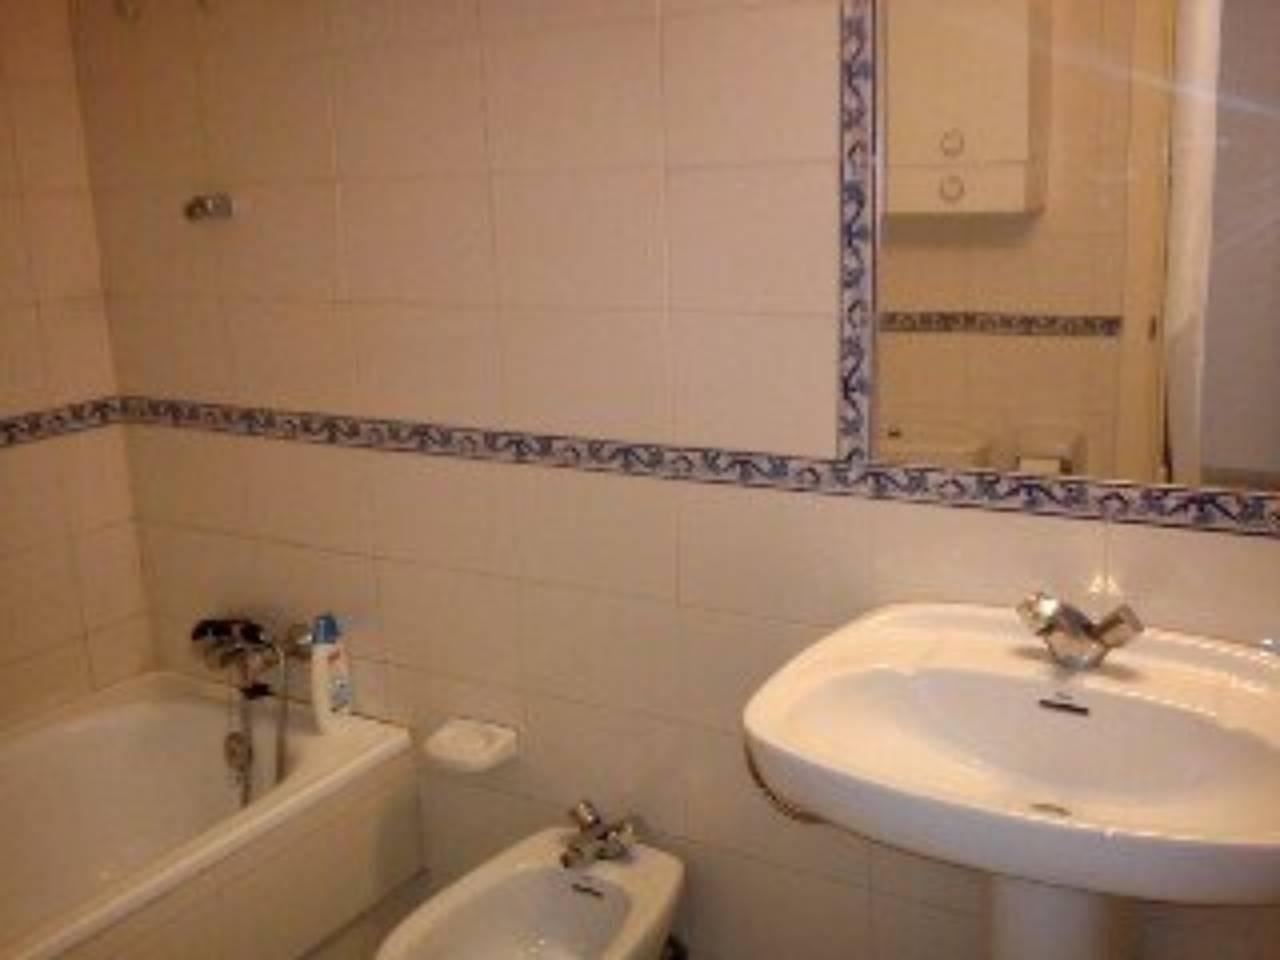 Local en alquiler con 70 m2,  en Alcalá de Guadaíra, CALLEJON DEL HUER